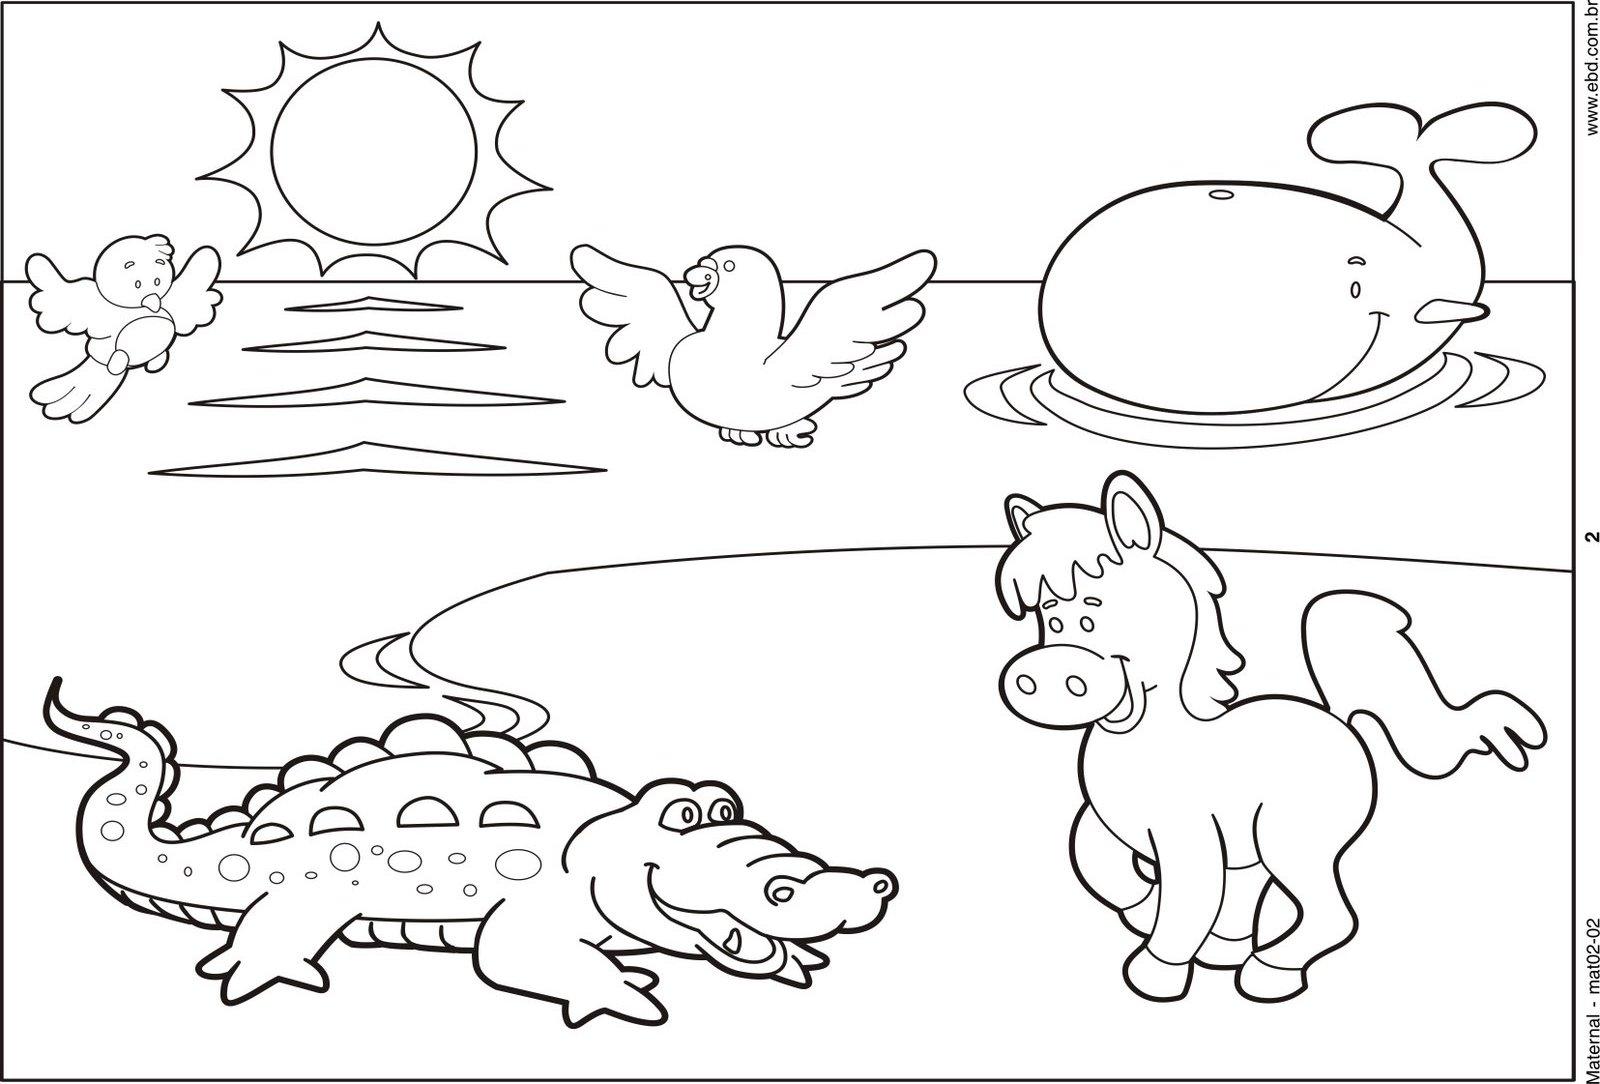 Bonito Creación Para Colorear Páginas Día 5 Motivo - Dibujos Para ...